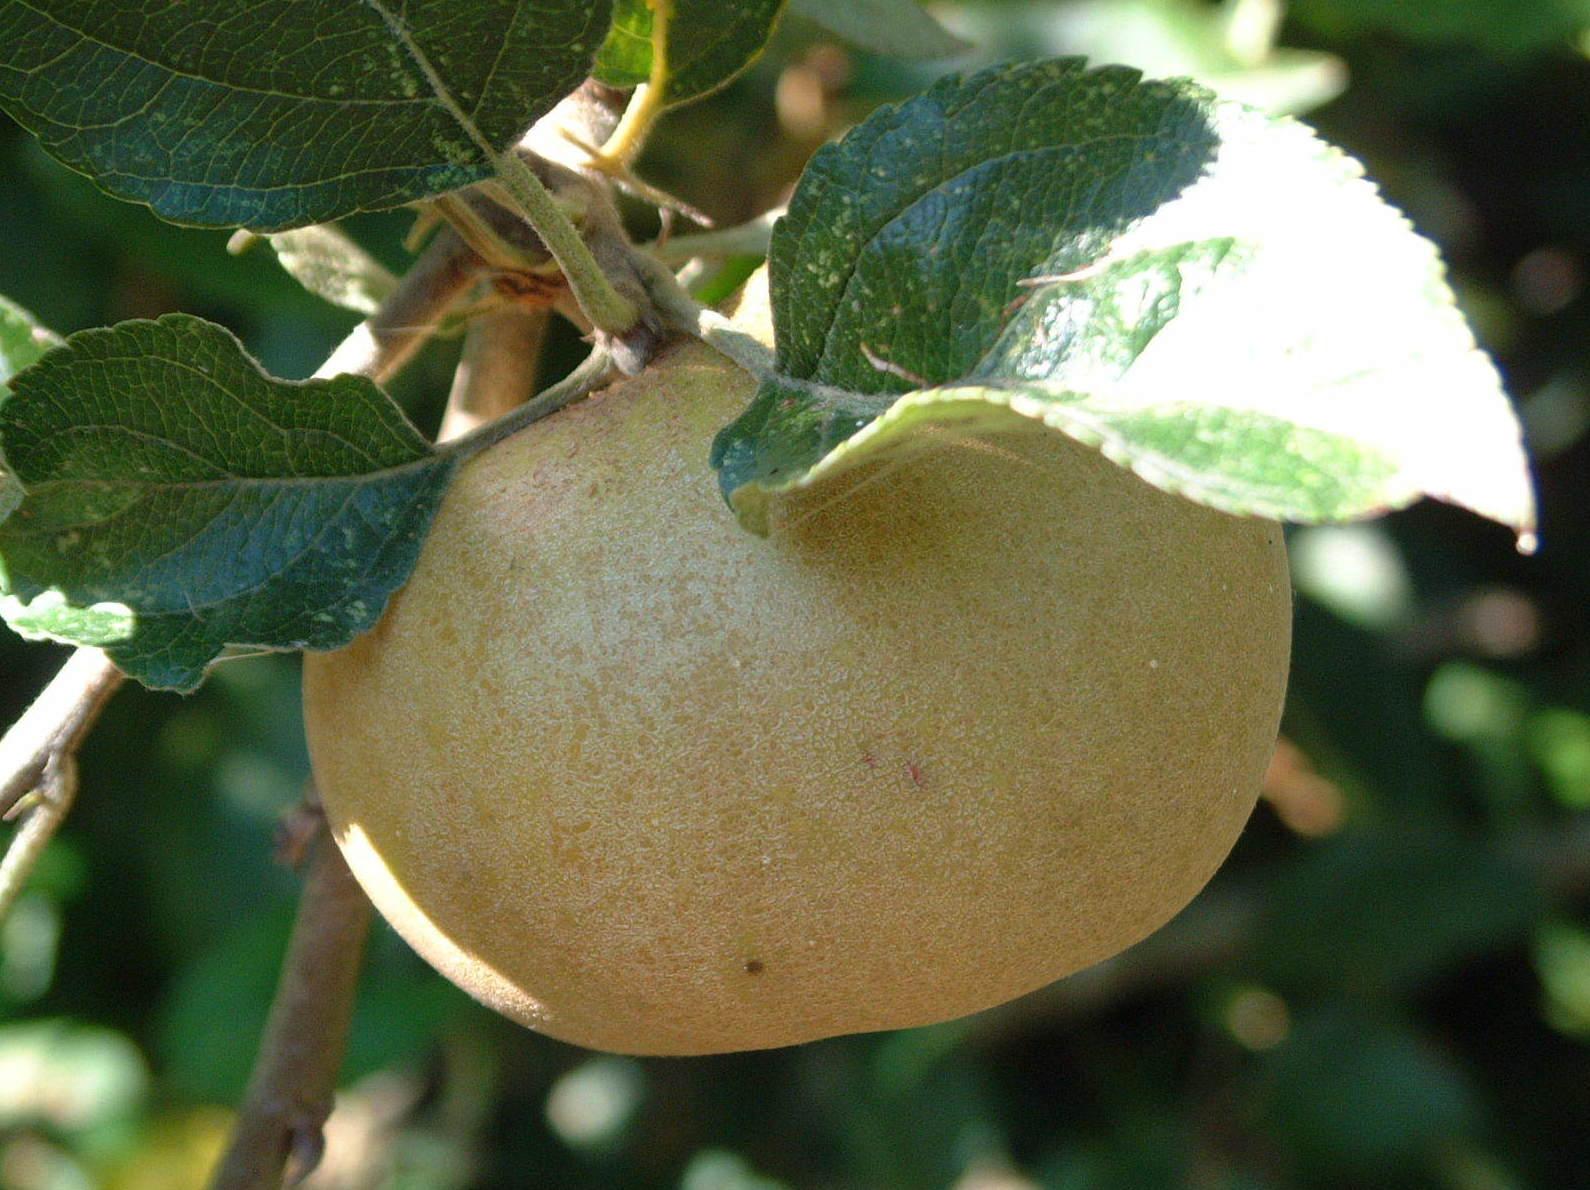 Frutal autóctono gallego - Manzano Pero